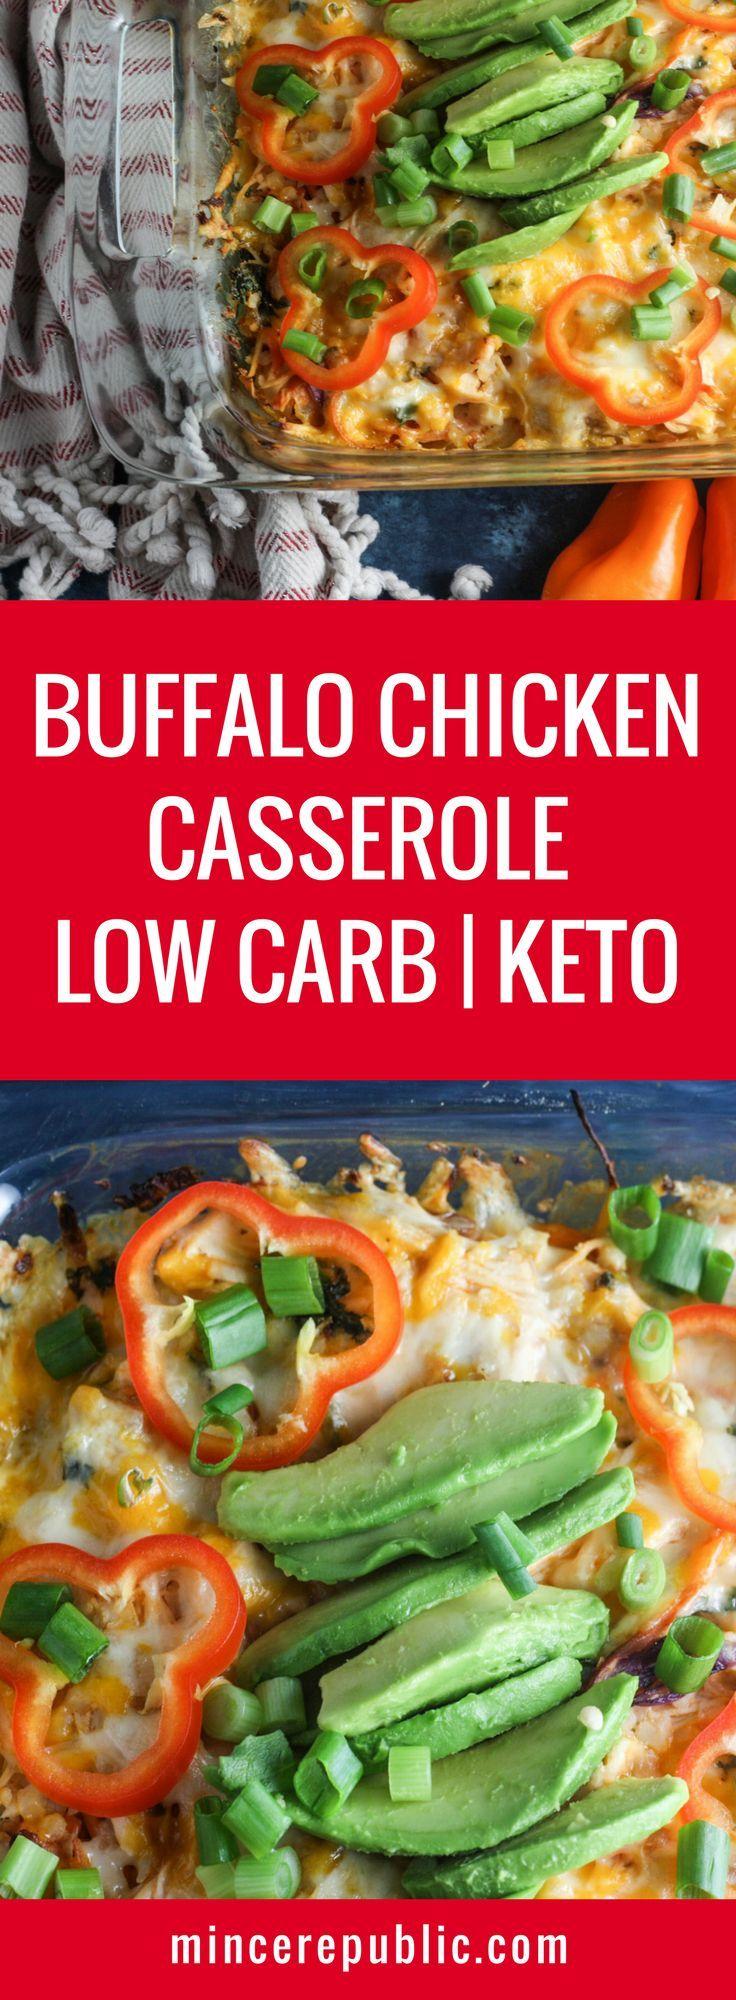 Keto Breaded Cauliflower Recipes